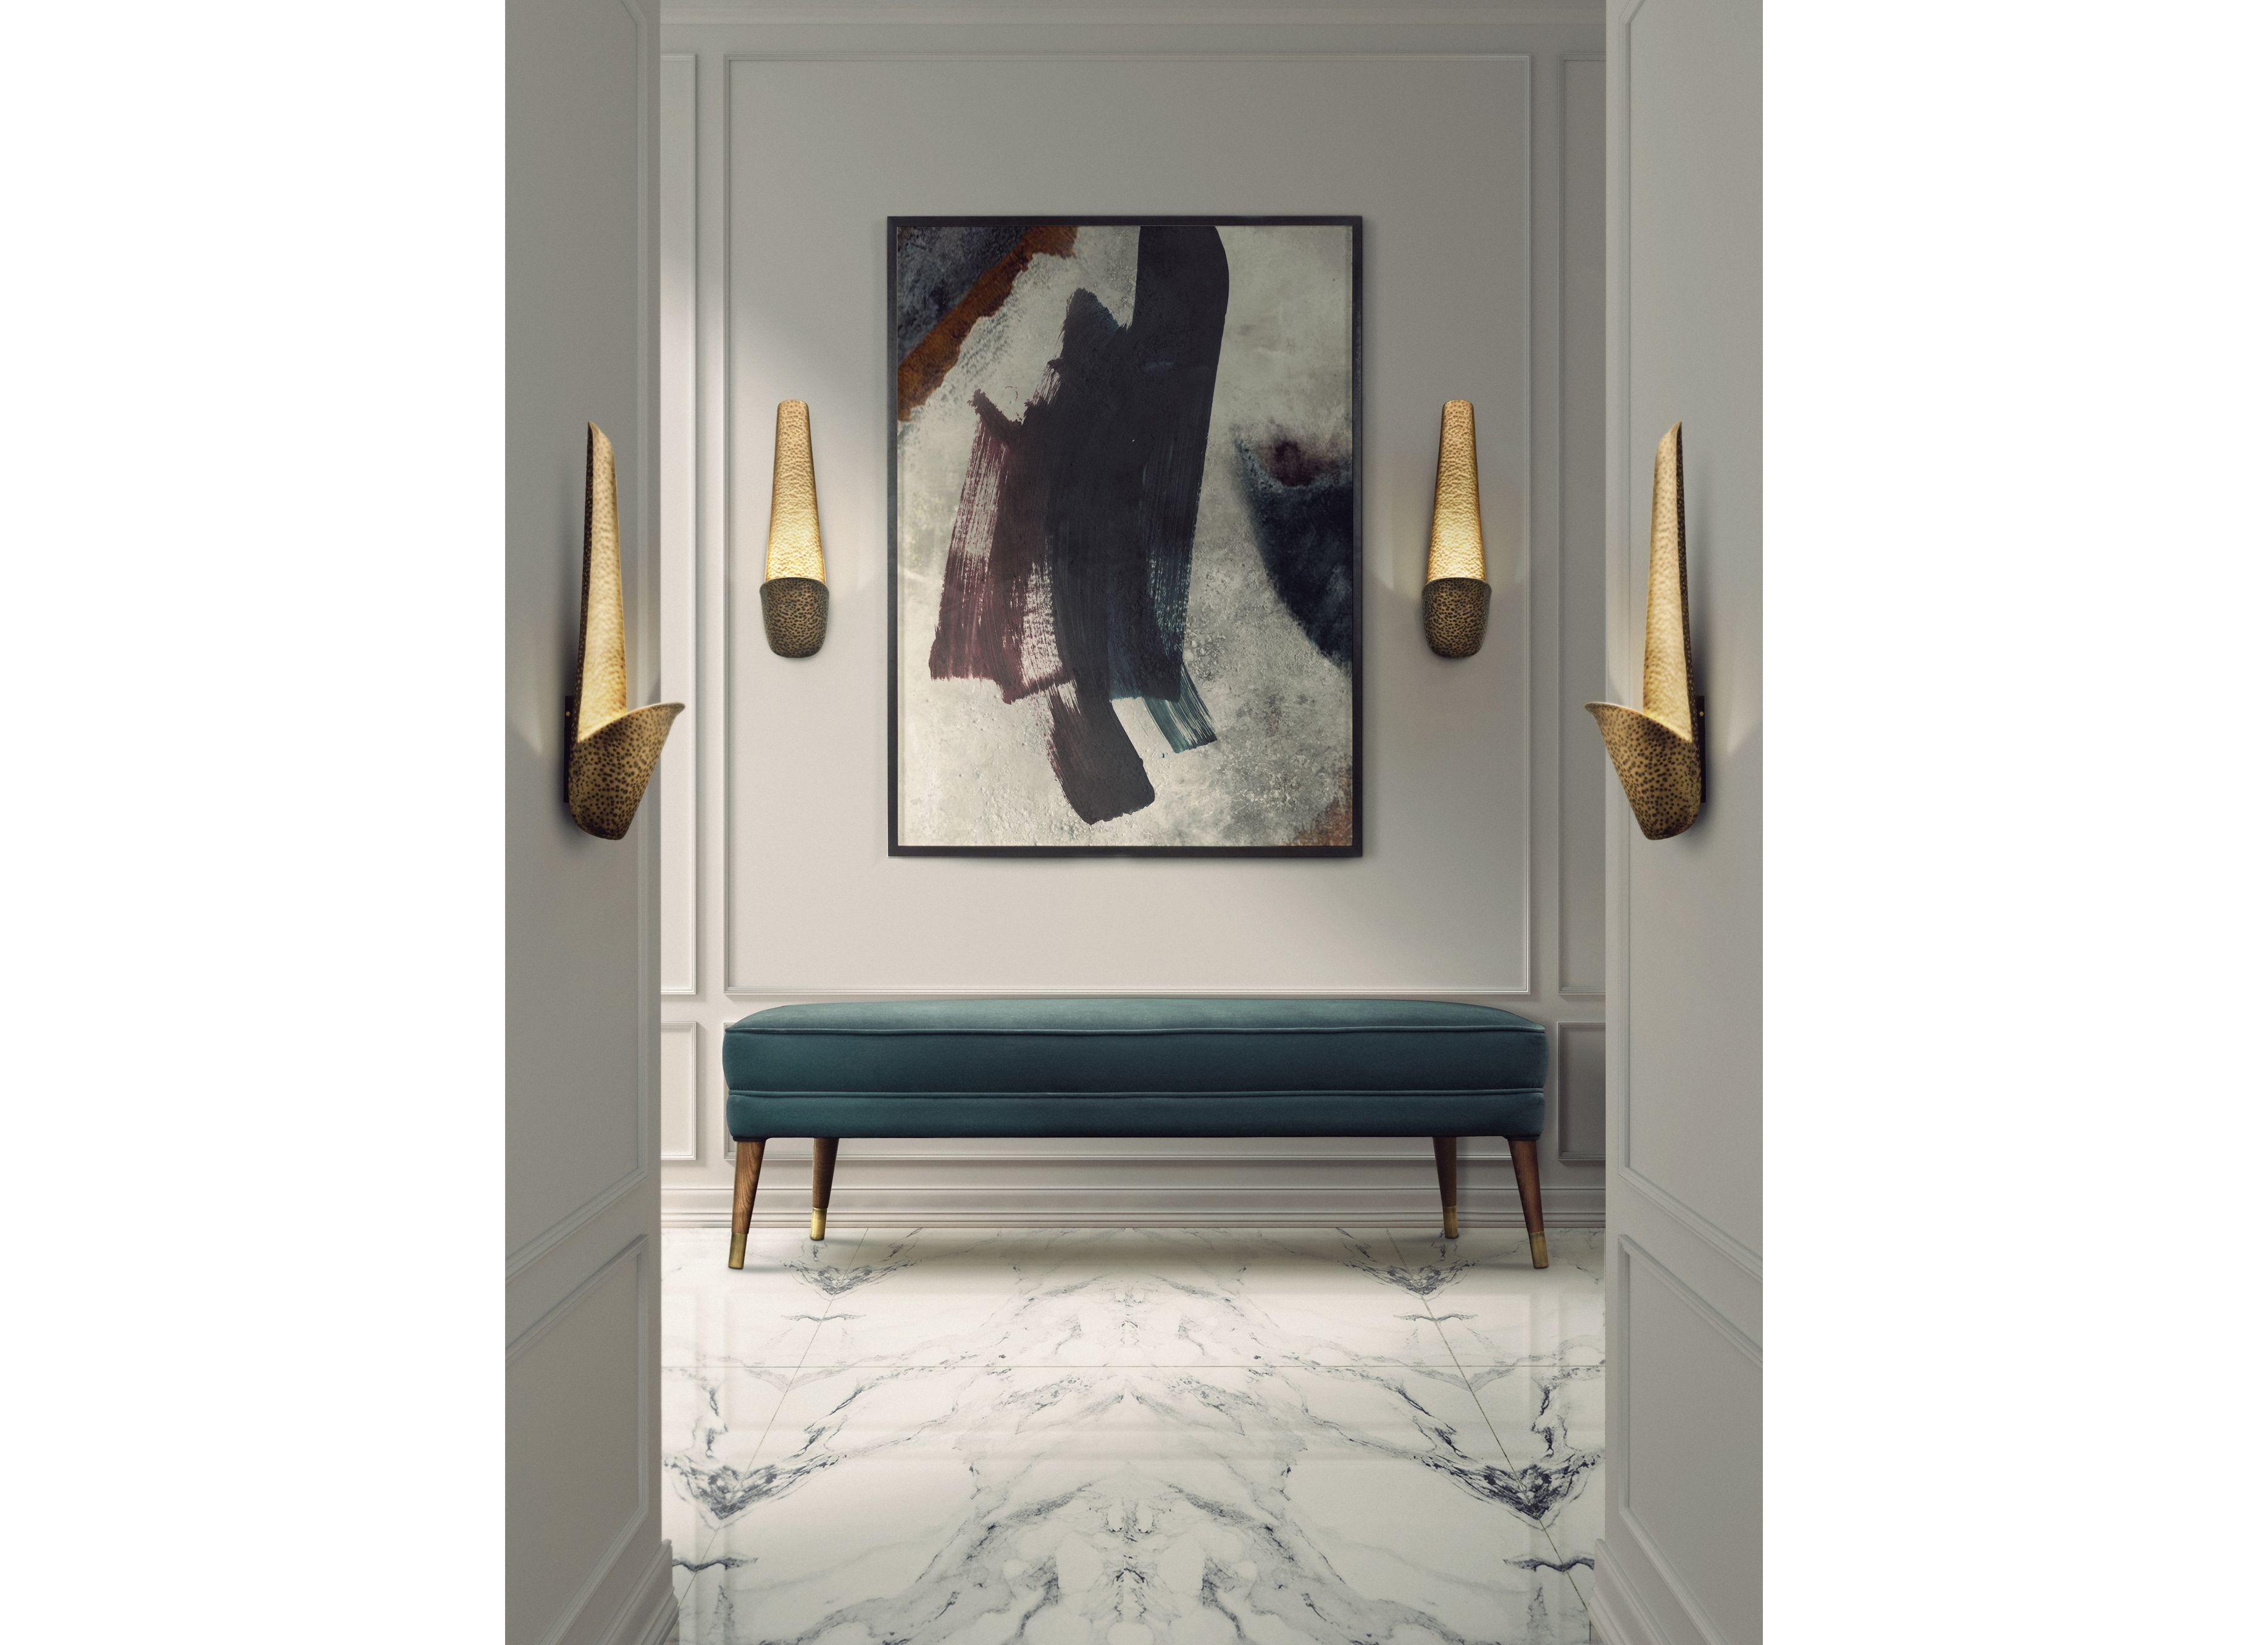 erstaunliche samt polsterei fr das perfekte wohndesign samt polsterei messing mbel brabbu inspirationen - Luxus Hausrenovierung Perfektes Wohnzimmer Stuhle Design